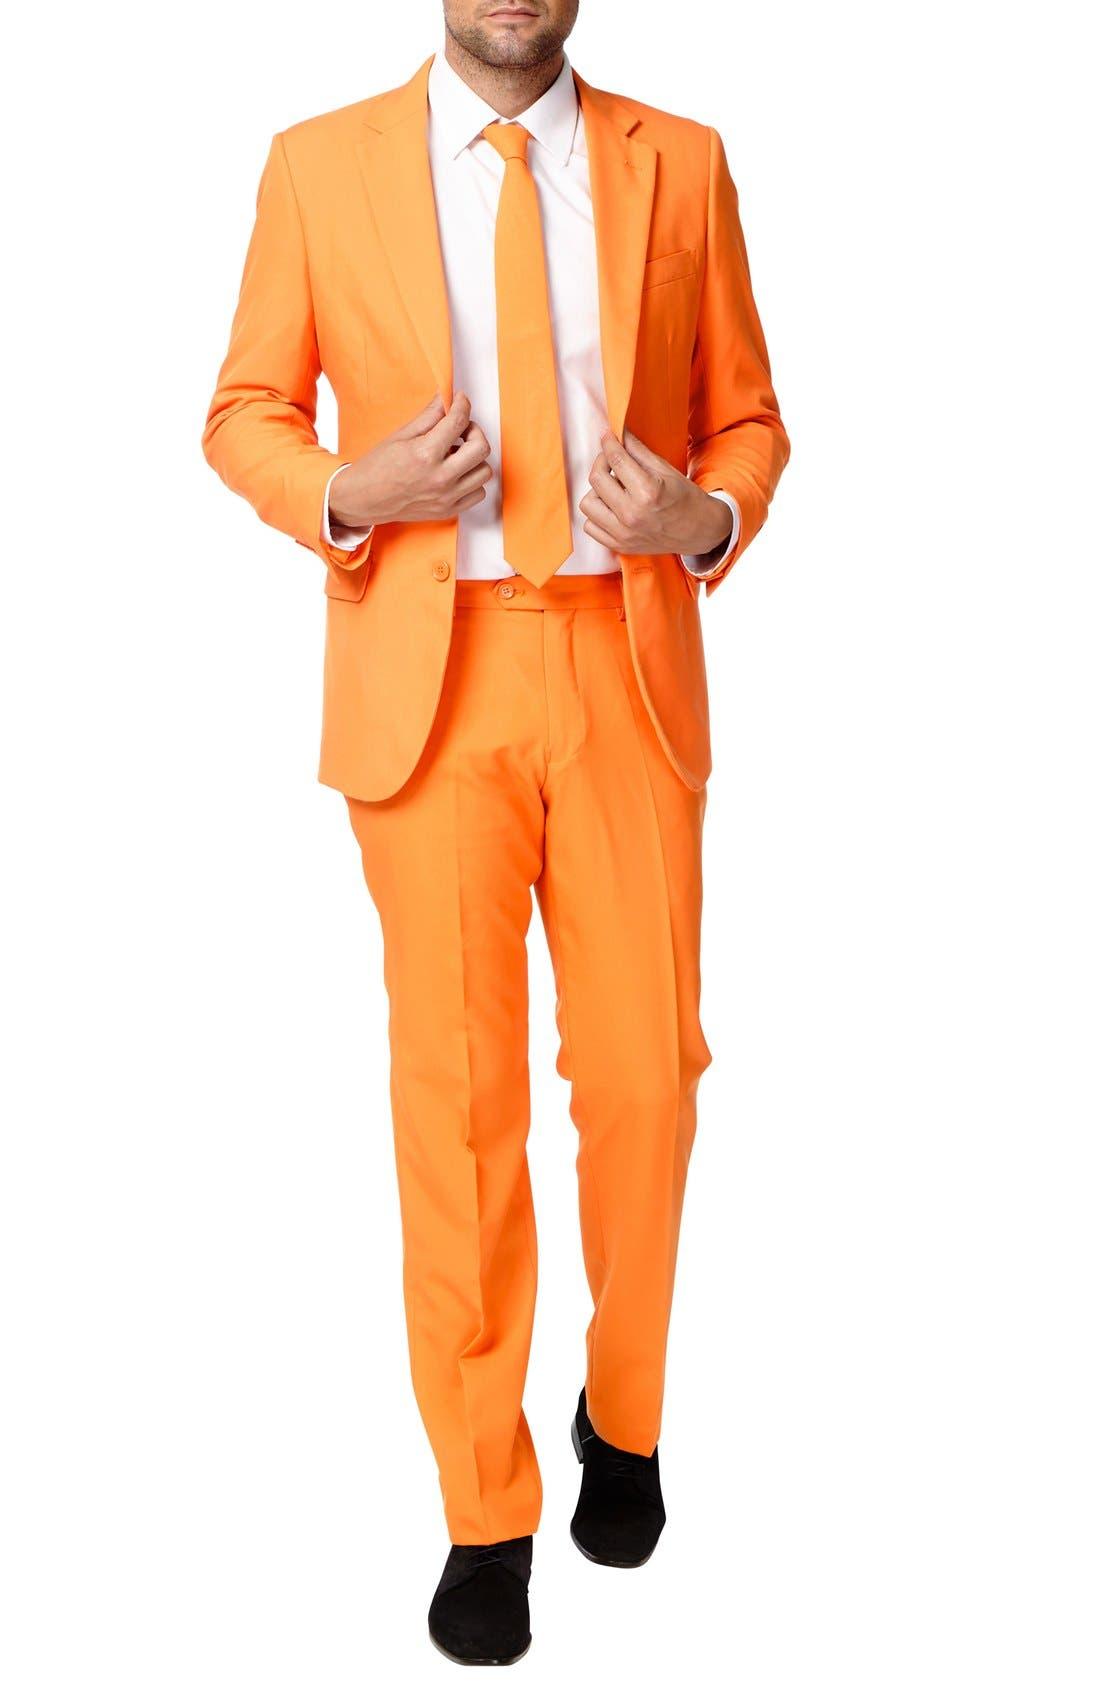 'The Orange' Trim Fit Two-Piece Suit with Tie,                             Main thumbnail 1, color,